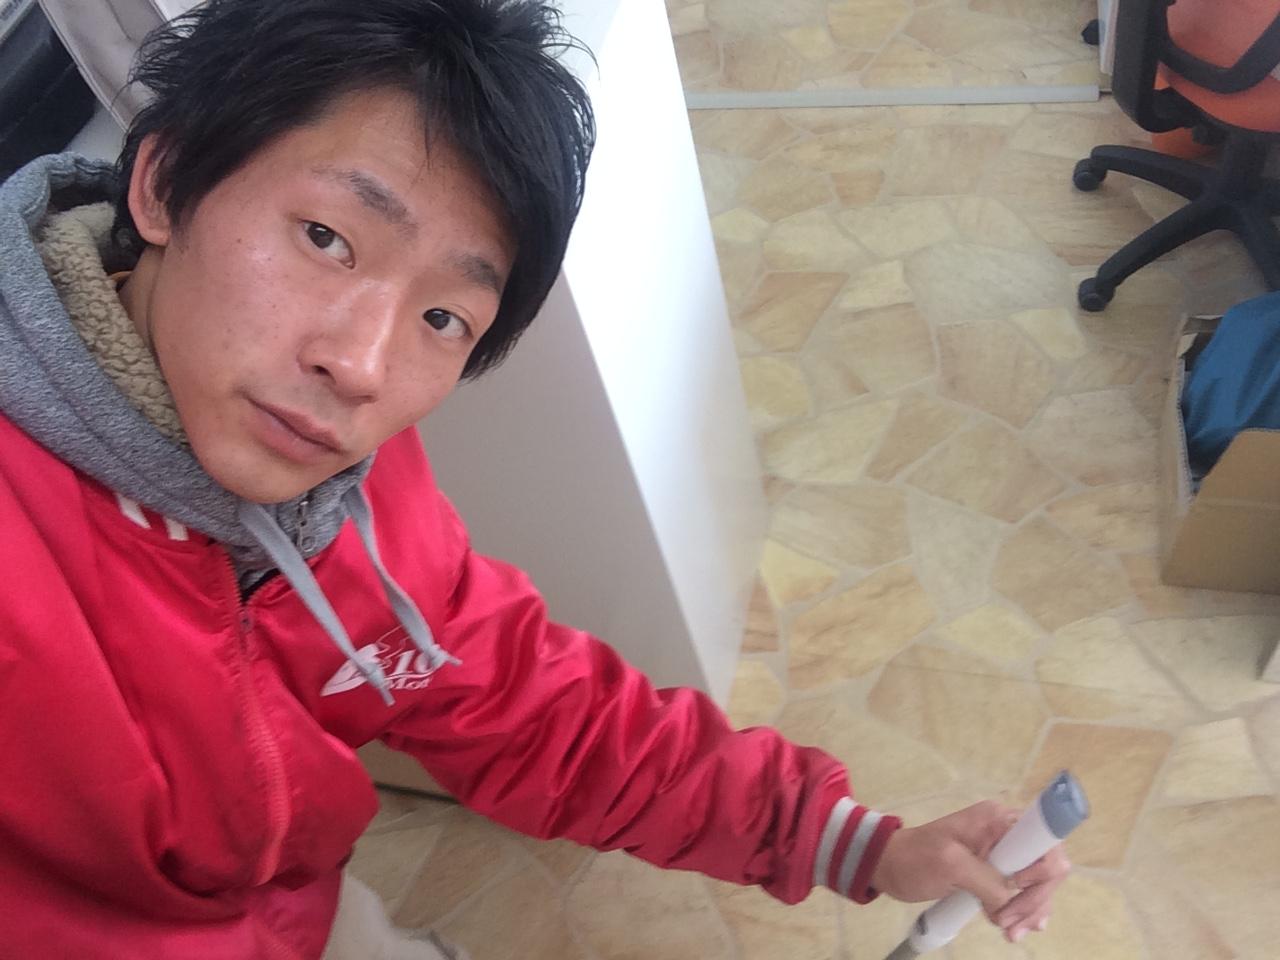 10月22日(水)トミーアウトレット☆GUCCIブログ☆K様ekワゴンご成約☆103円カー♪_b0127002_19270667.jpg